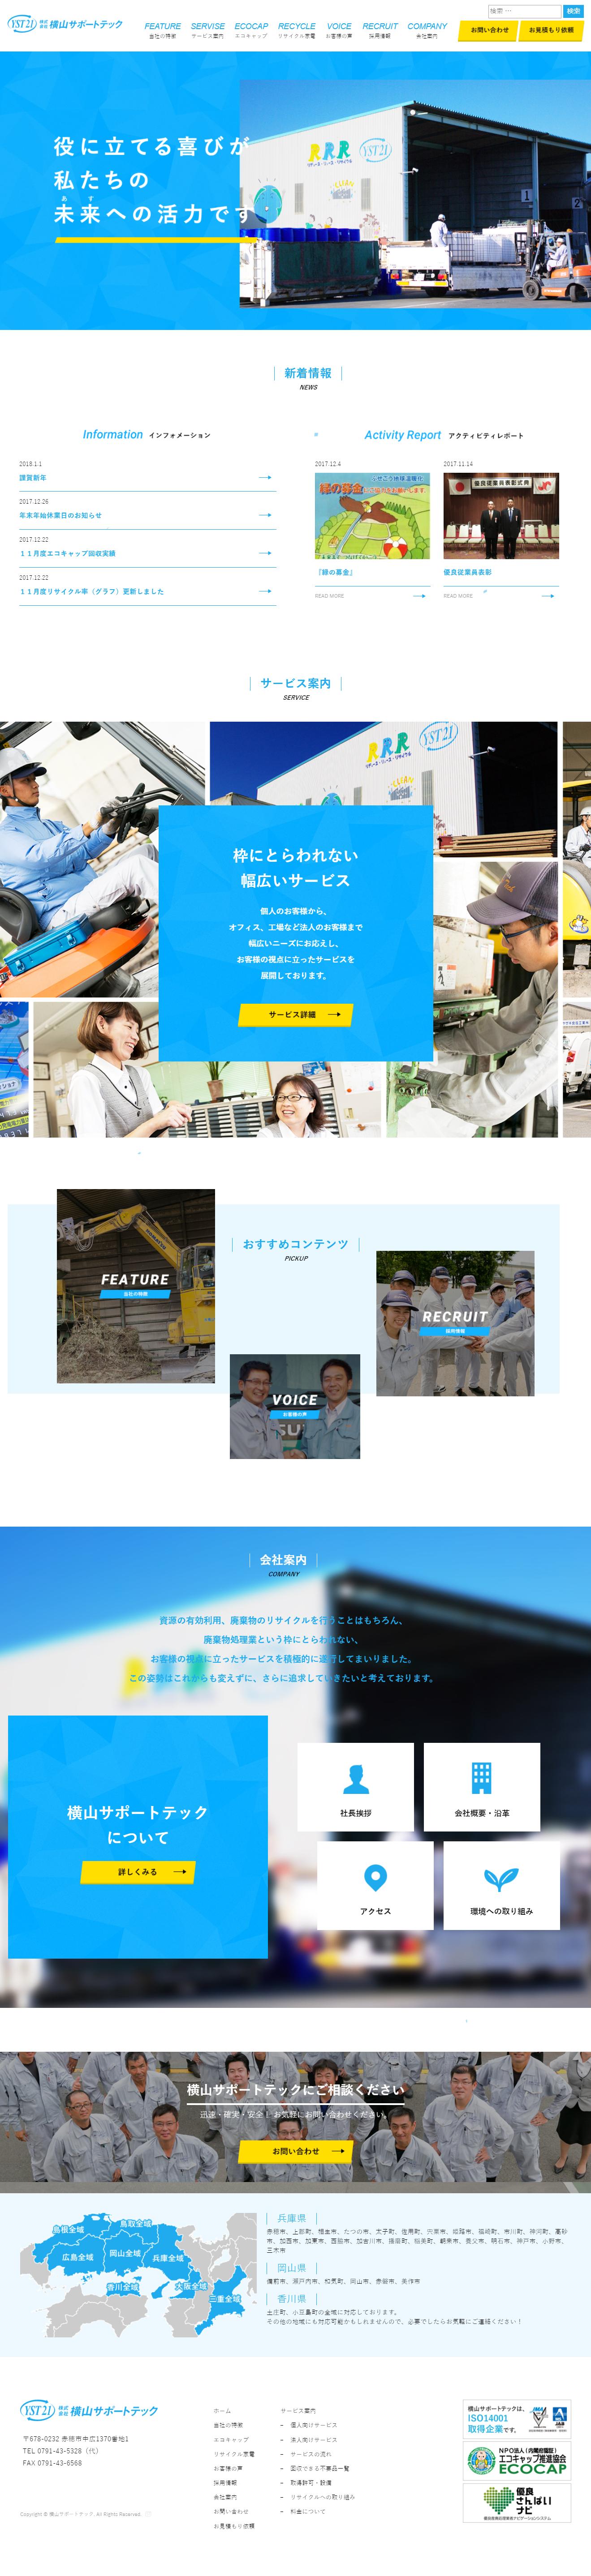 赤穂市 株式会社横山サポートテック様 ホームページ制作1